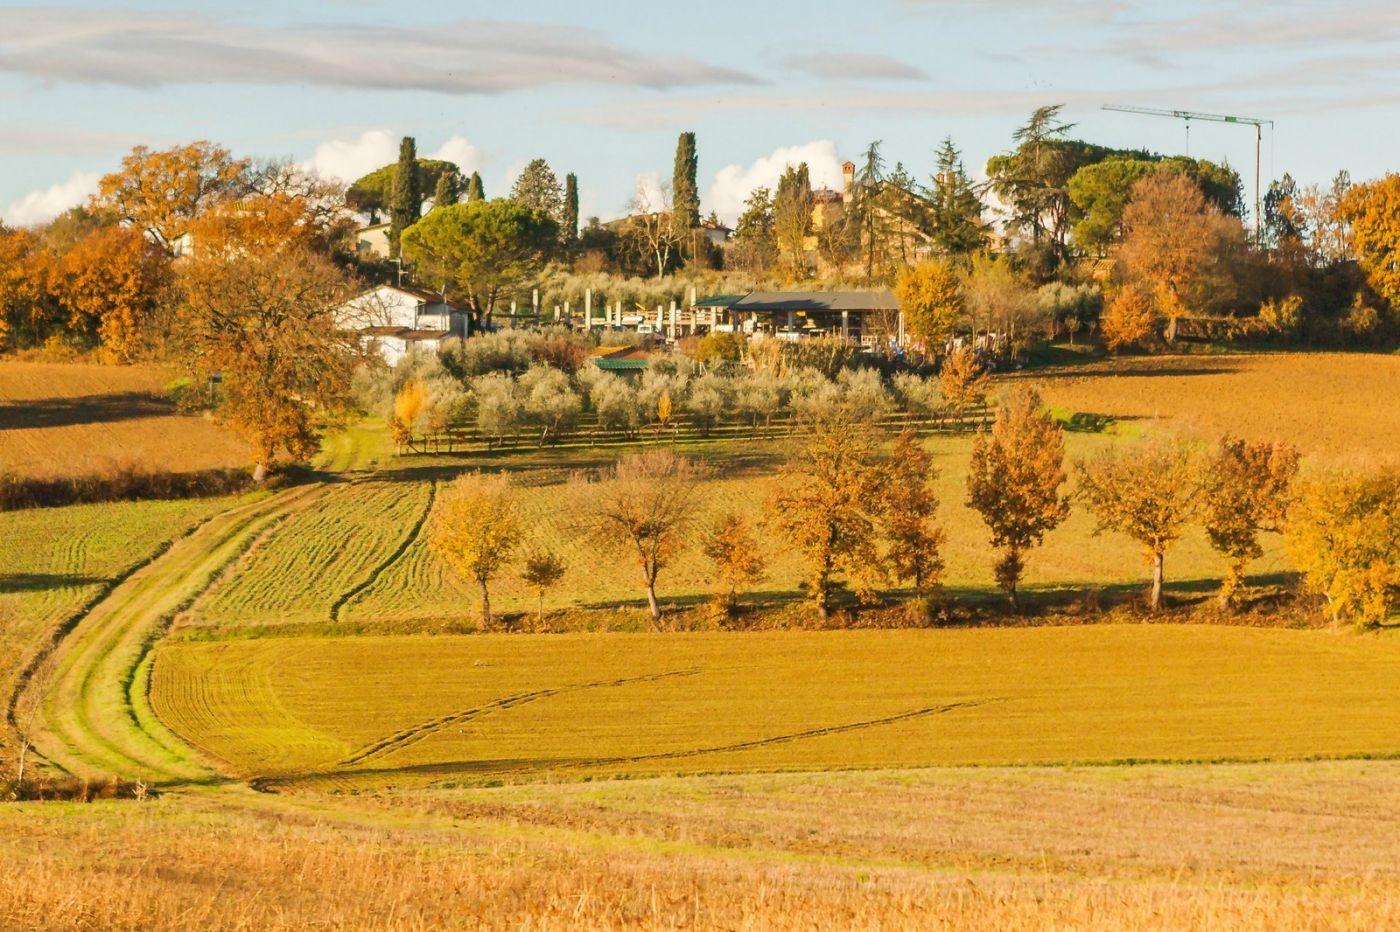 意大利路途,秋后的农村_图1-15